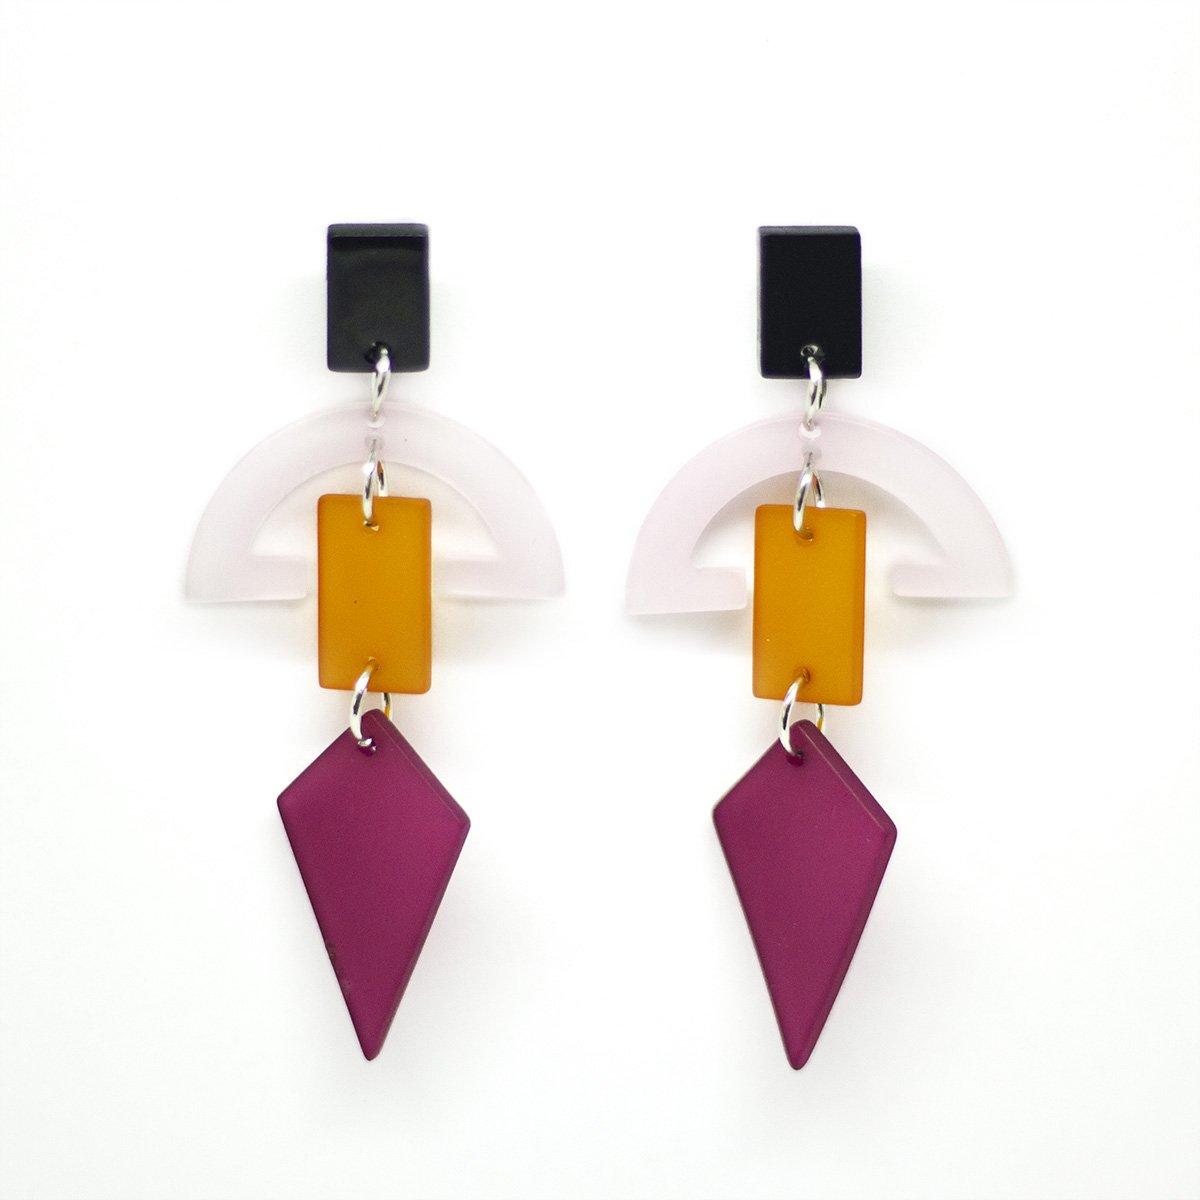 sieraden oorbellen oorknopjes verjaardagscadeau handmade earrings